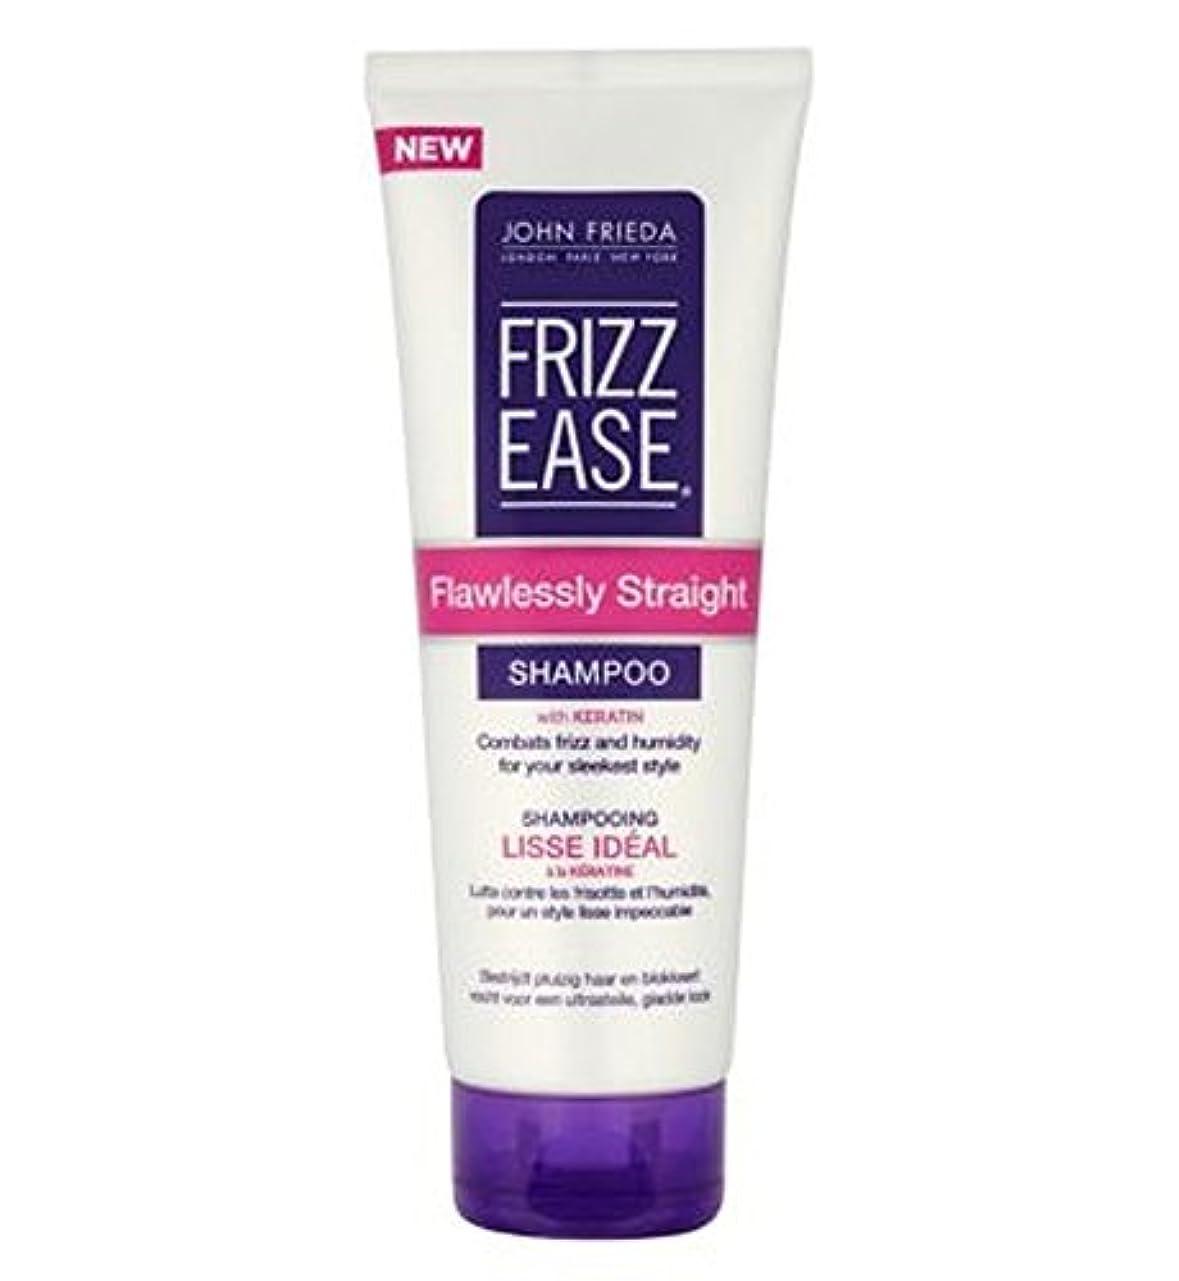 強調するマーキーラショナルJohn Frieda Frizz-Ease Flawlessly Straight Shampoo with Keratin 250ml - ケラチン250ミリリットルとジョン?フリーダ縮れ-容易完璧にストレートシャンプー (John Frieda) [並行輸入品]